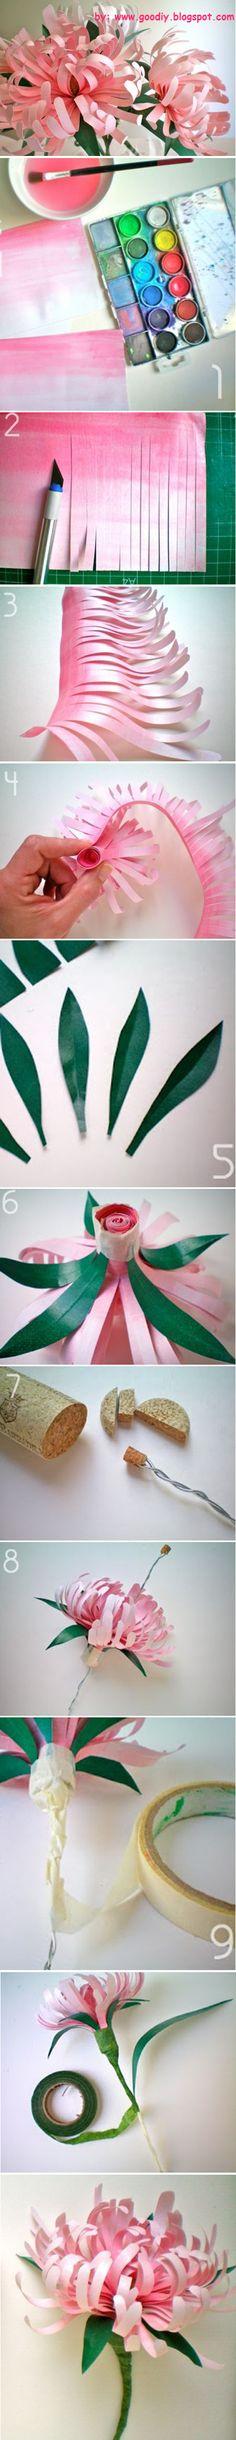 Flores de papel,utilizando corcho,pinturas.